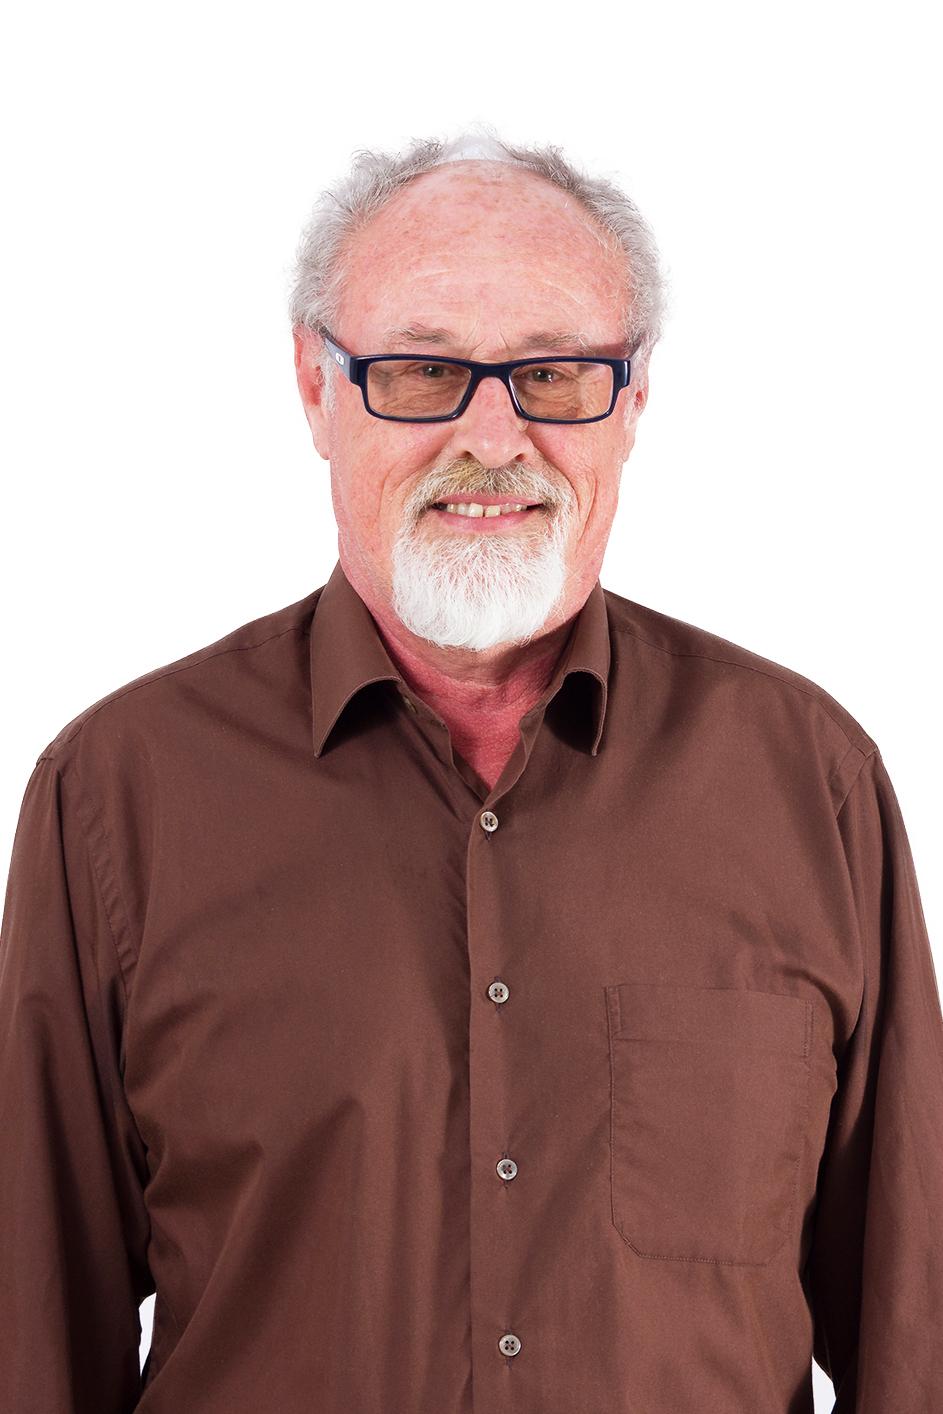 Fernando Cabral Hidalgo